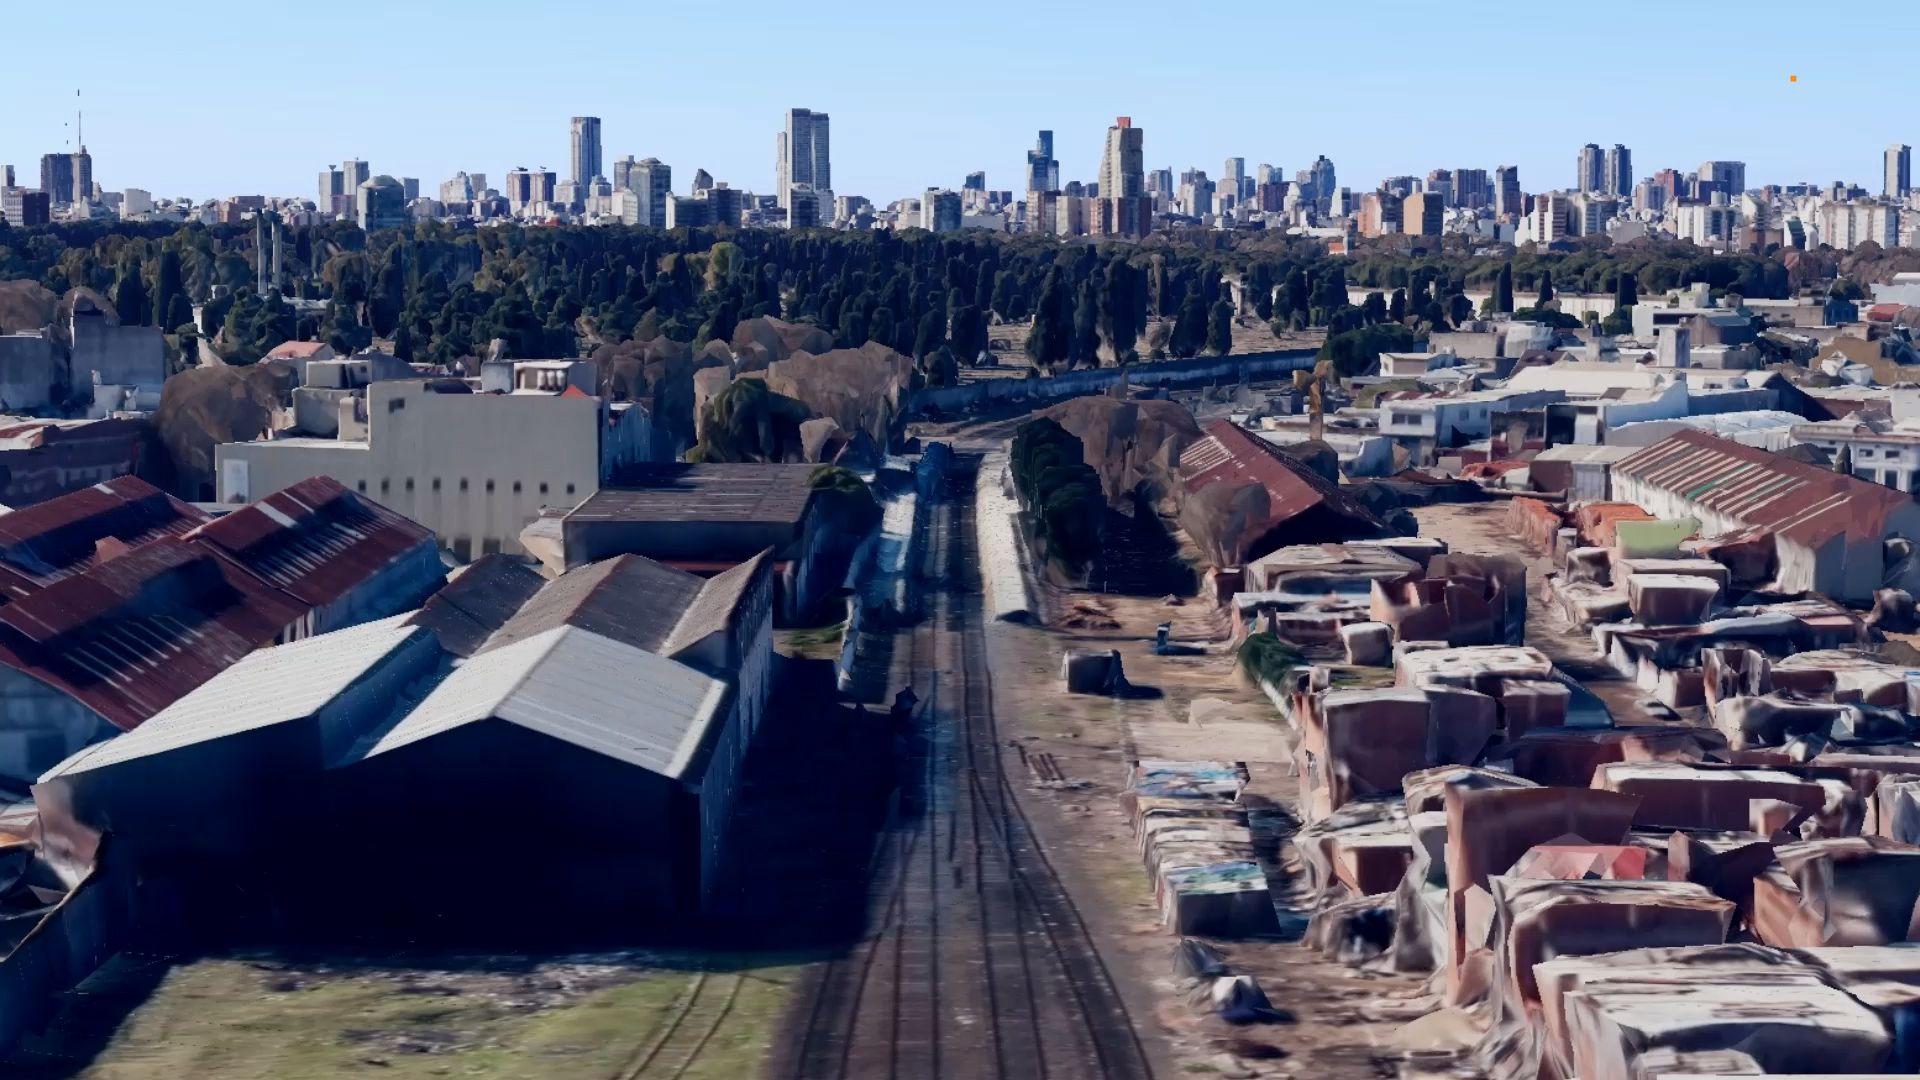 El viaducto del Ferrocarril San Martín tiene estaciones inconclusas